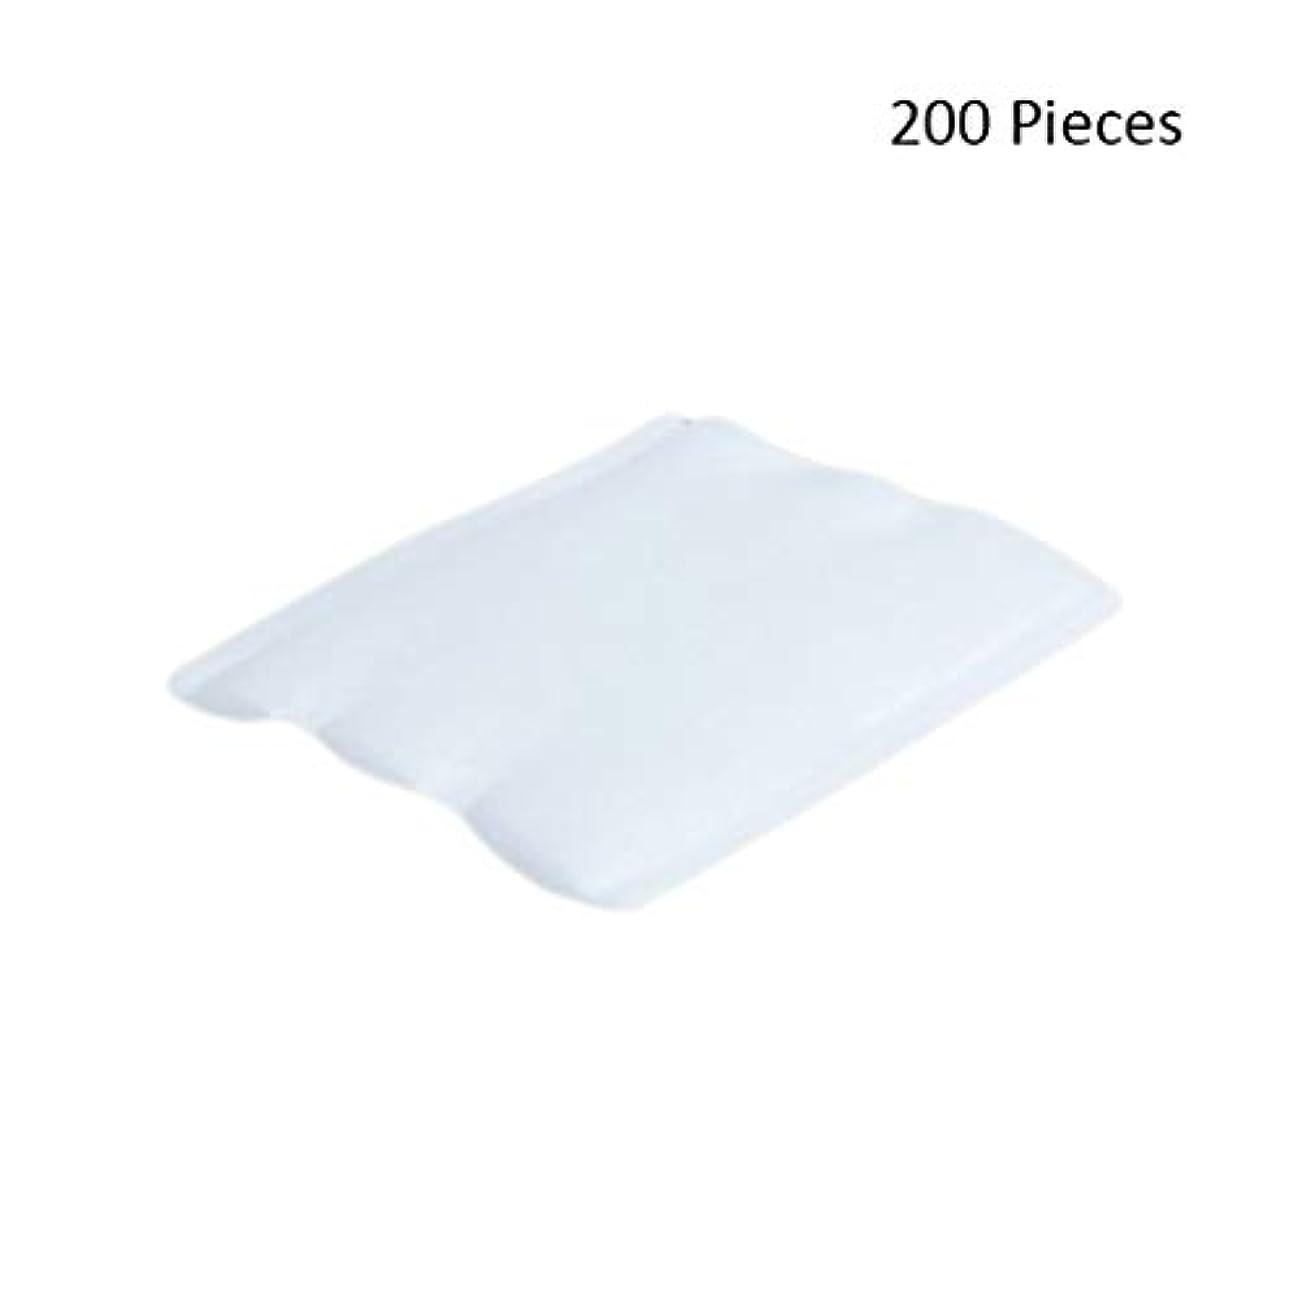 宿泊施設毛布コンバーチブル200ピースフェイスメイクアップリムーバーオーガニックフェイシャルクレンジングメイクアップ化粧品リムーバーワイプフェイスウォッシュスキンケアコットンパッド (Color : White, サイズ : 6*5cm)